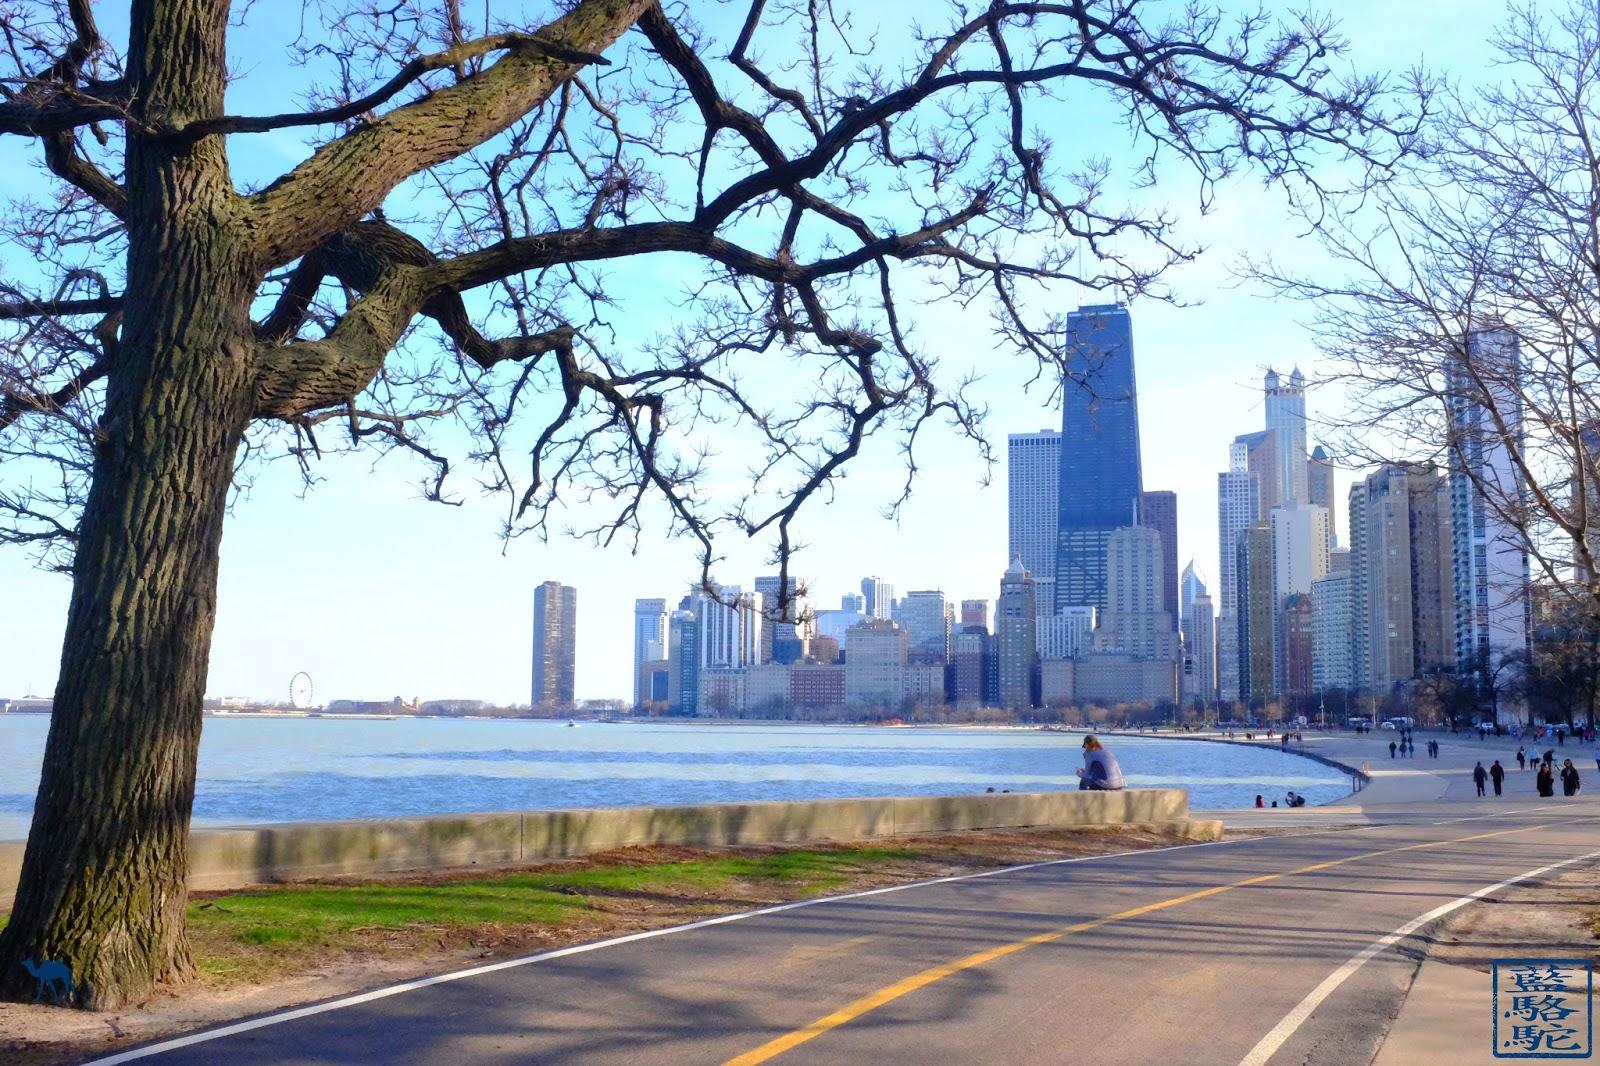 Le Chameau Bleu - Blog Voyage Chicago USA -  Parc de Chicago - Séjour à Chicago Illinois USA